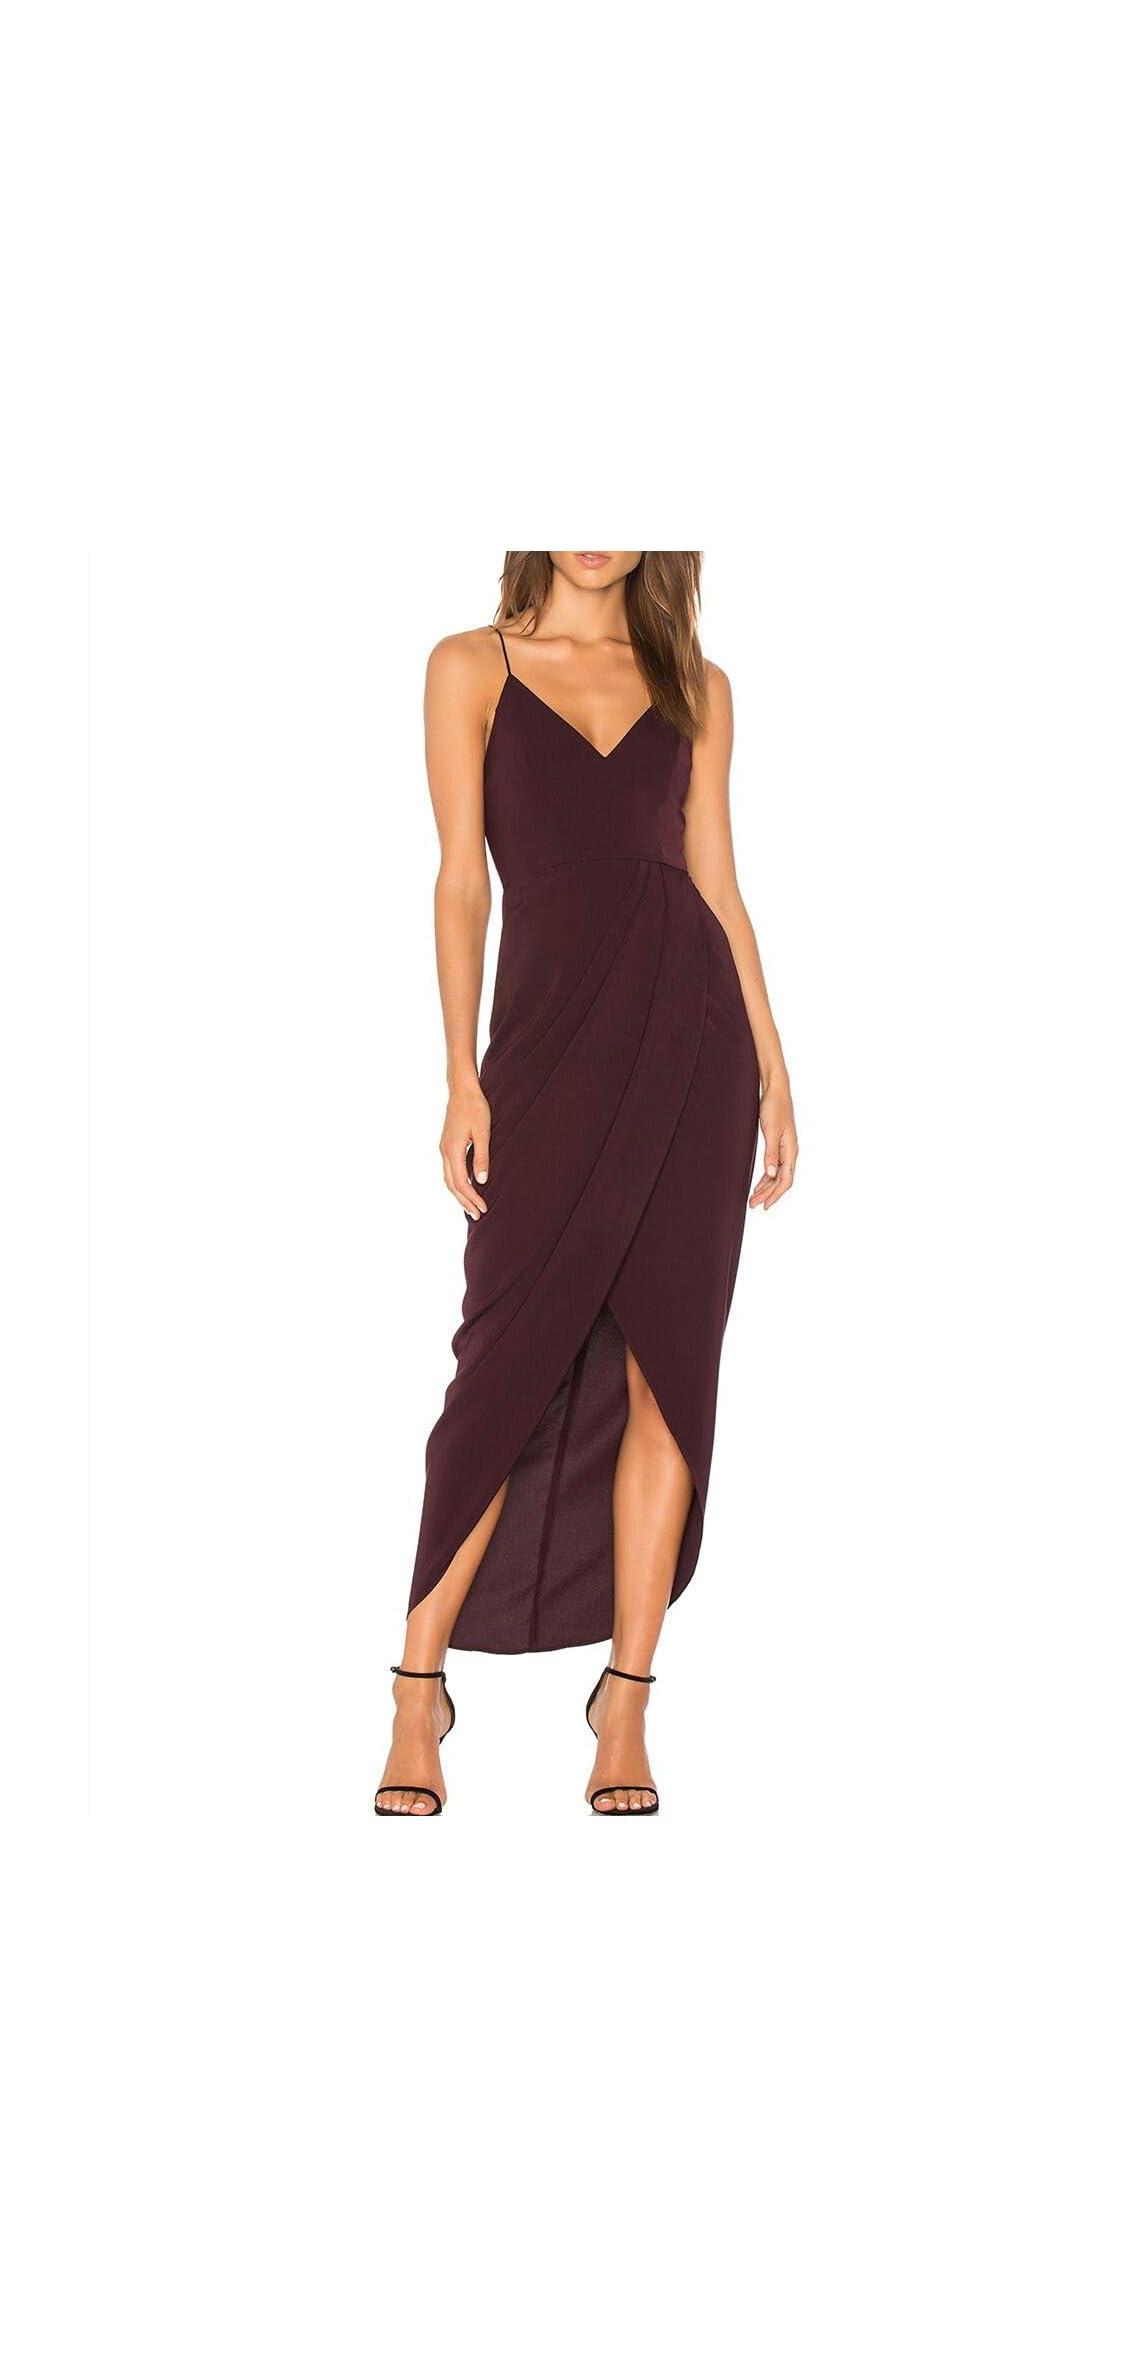 Women's Sexy V Neck Backless Maxi Dress Sleeveless Party